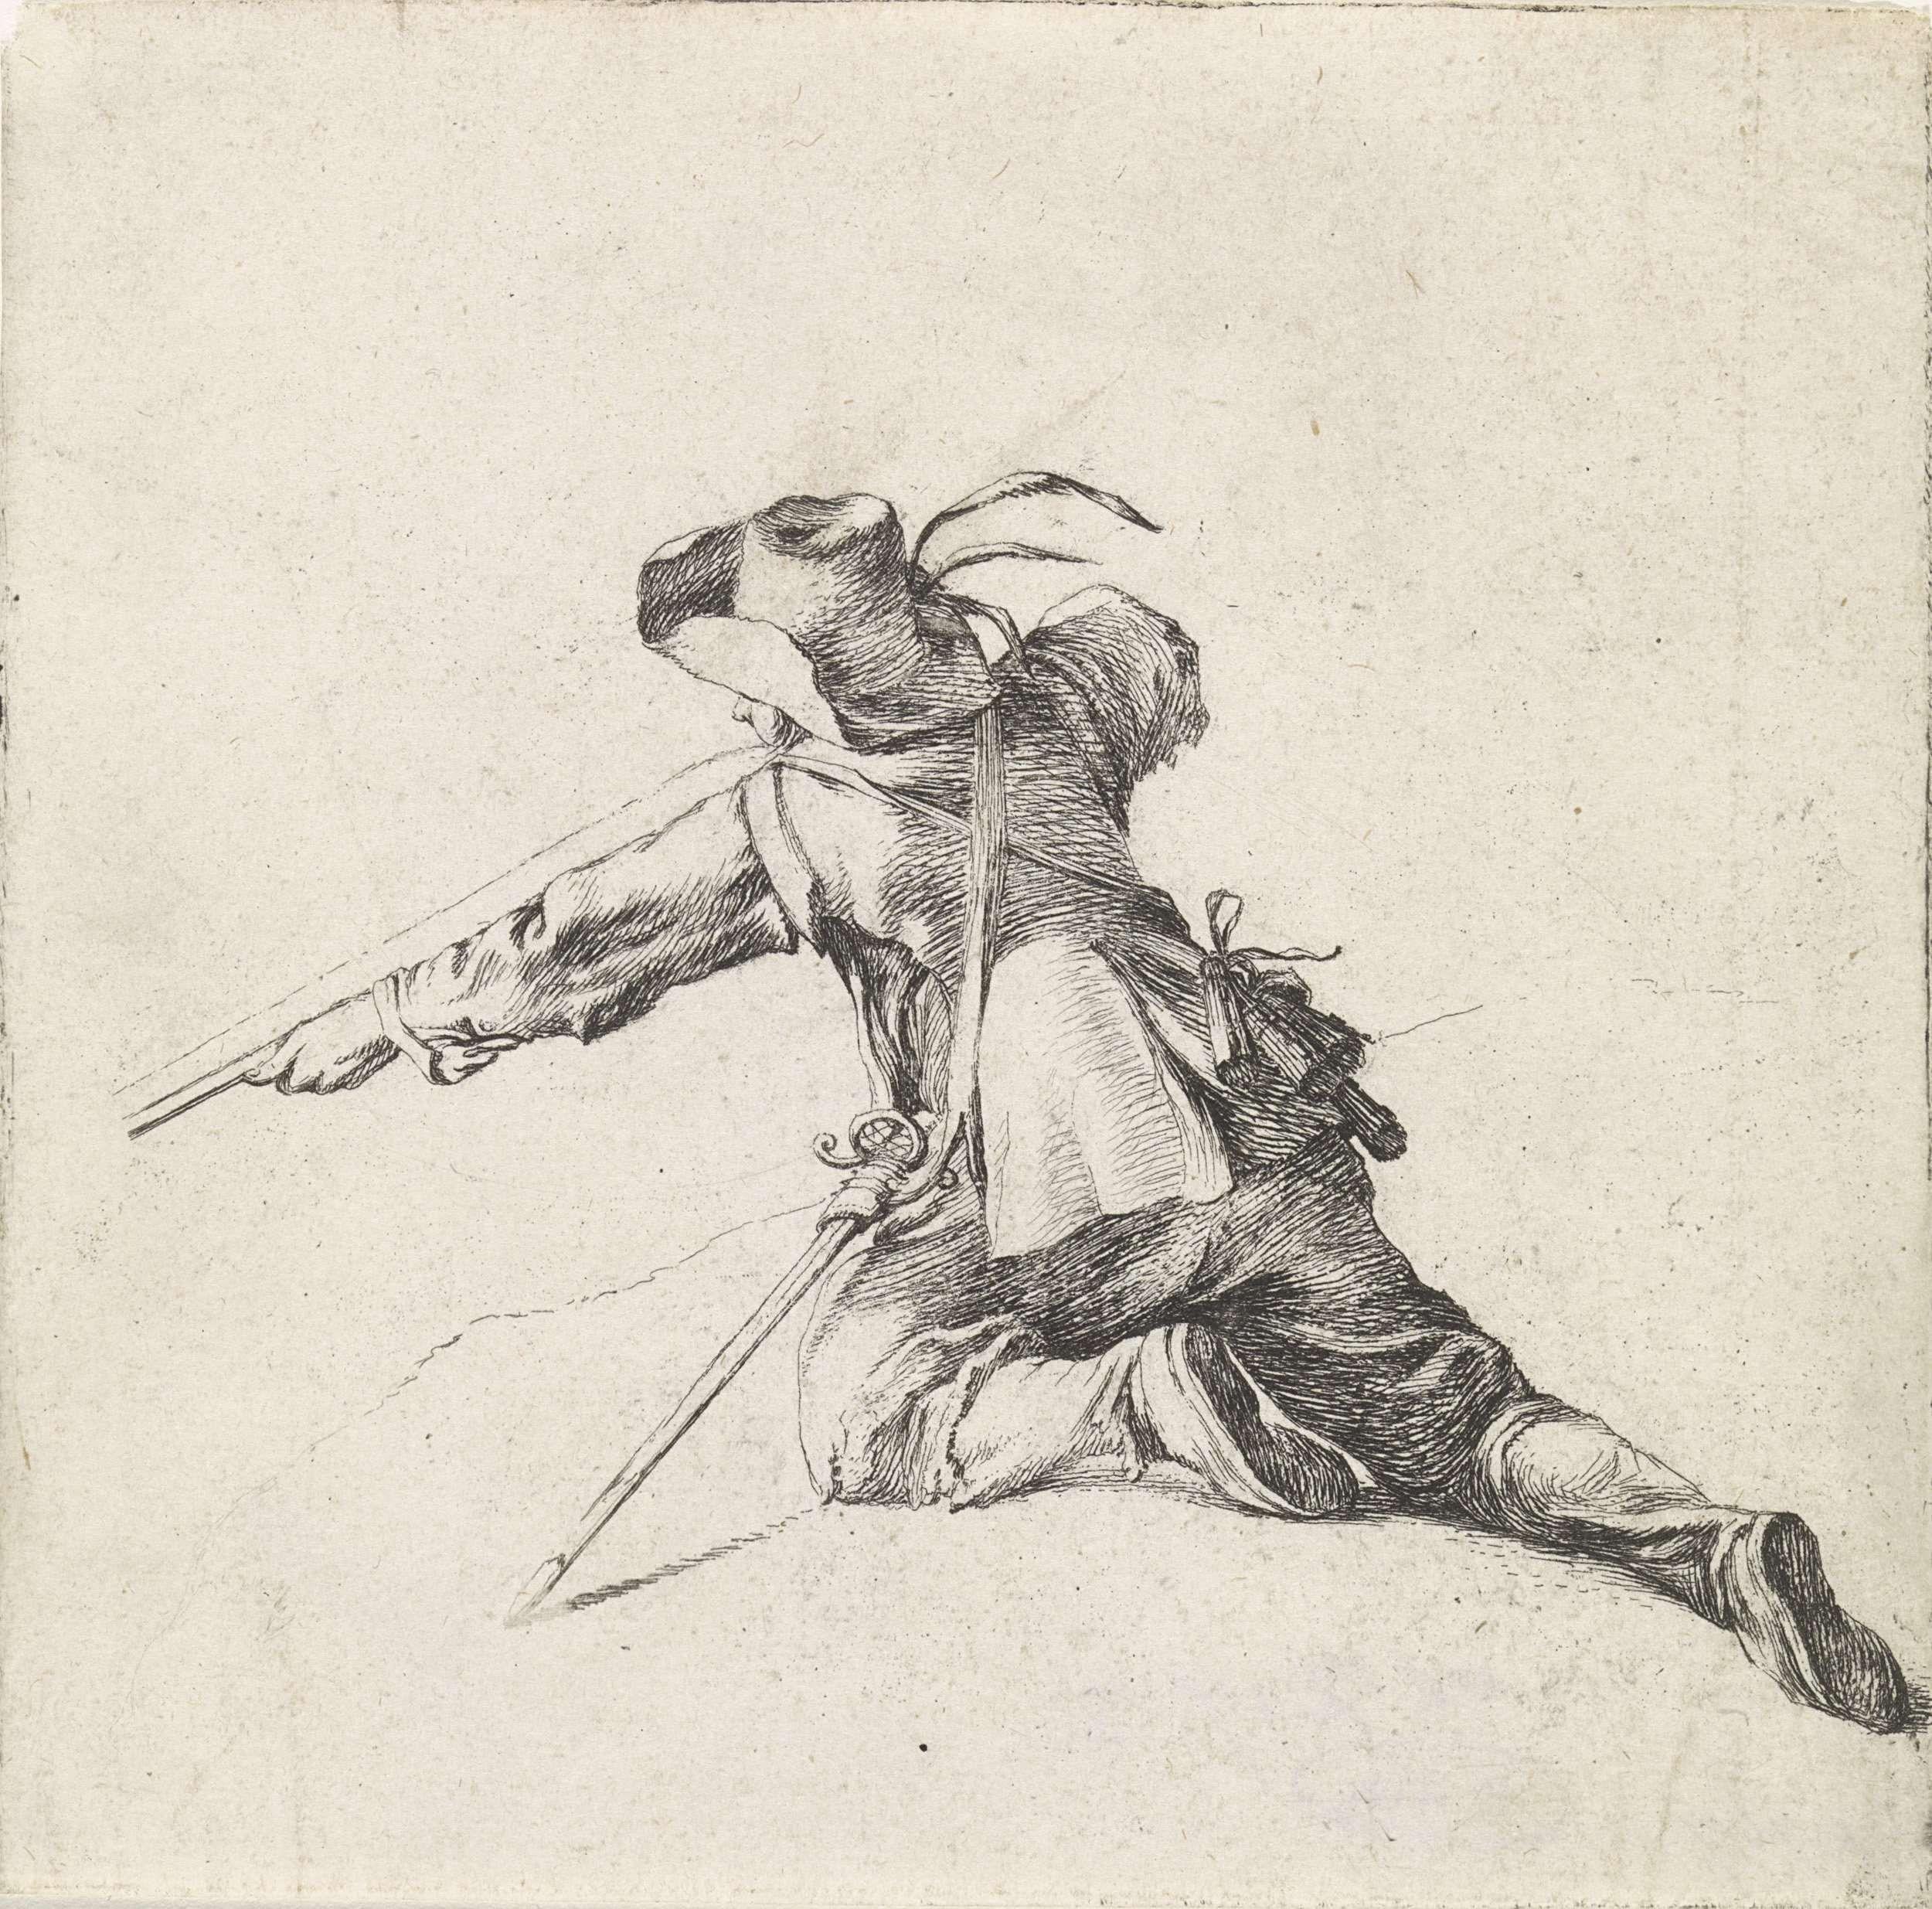 Dirk Maas   Soldaat met geweer naar links, Dirk Maas, Philips Wouwerman, 1708 - 1717   Geknielde soldaat met geweer naar links, op de rug gezien. Over zijn schouder een zwaard en op zijn hoofd een hoed met veren. Derde prent uit een serie van twaalf prenten met voorstellingen van soldaten en paarden.